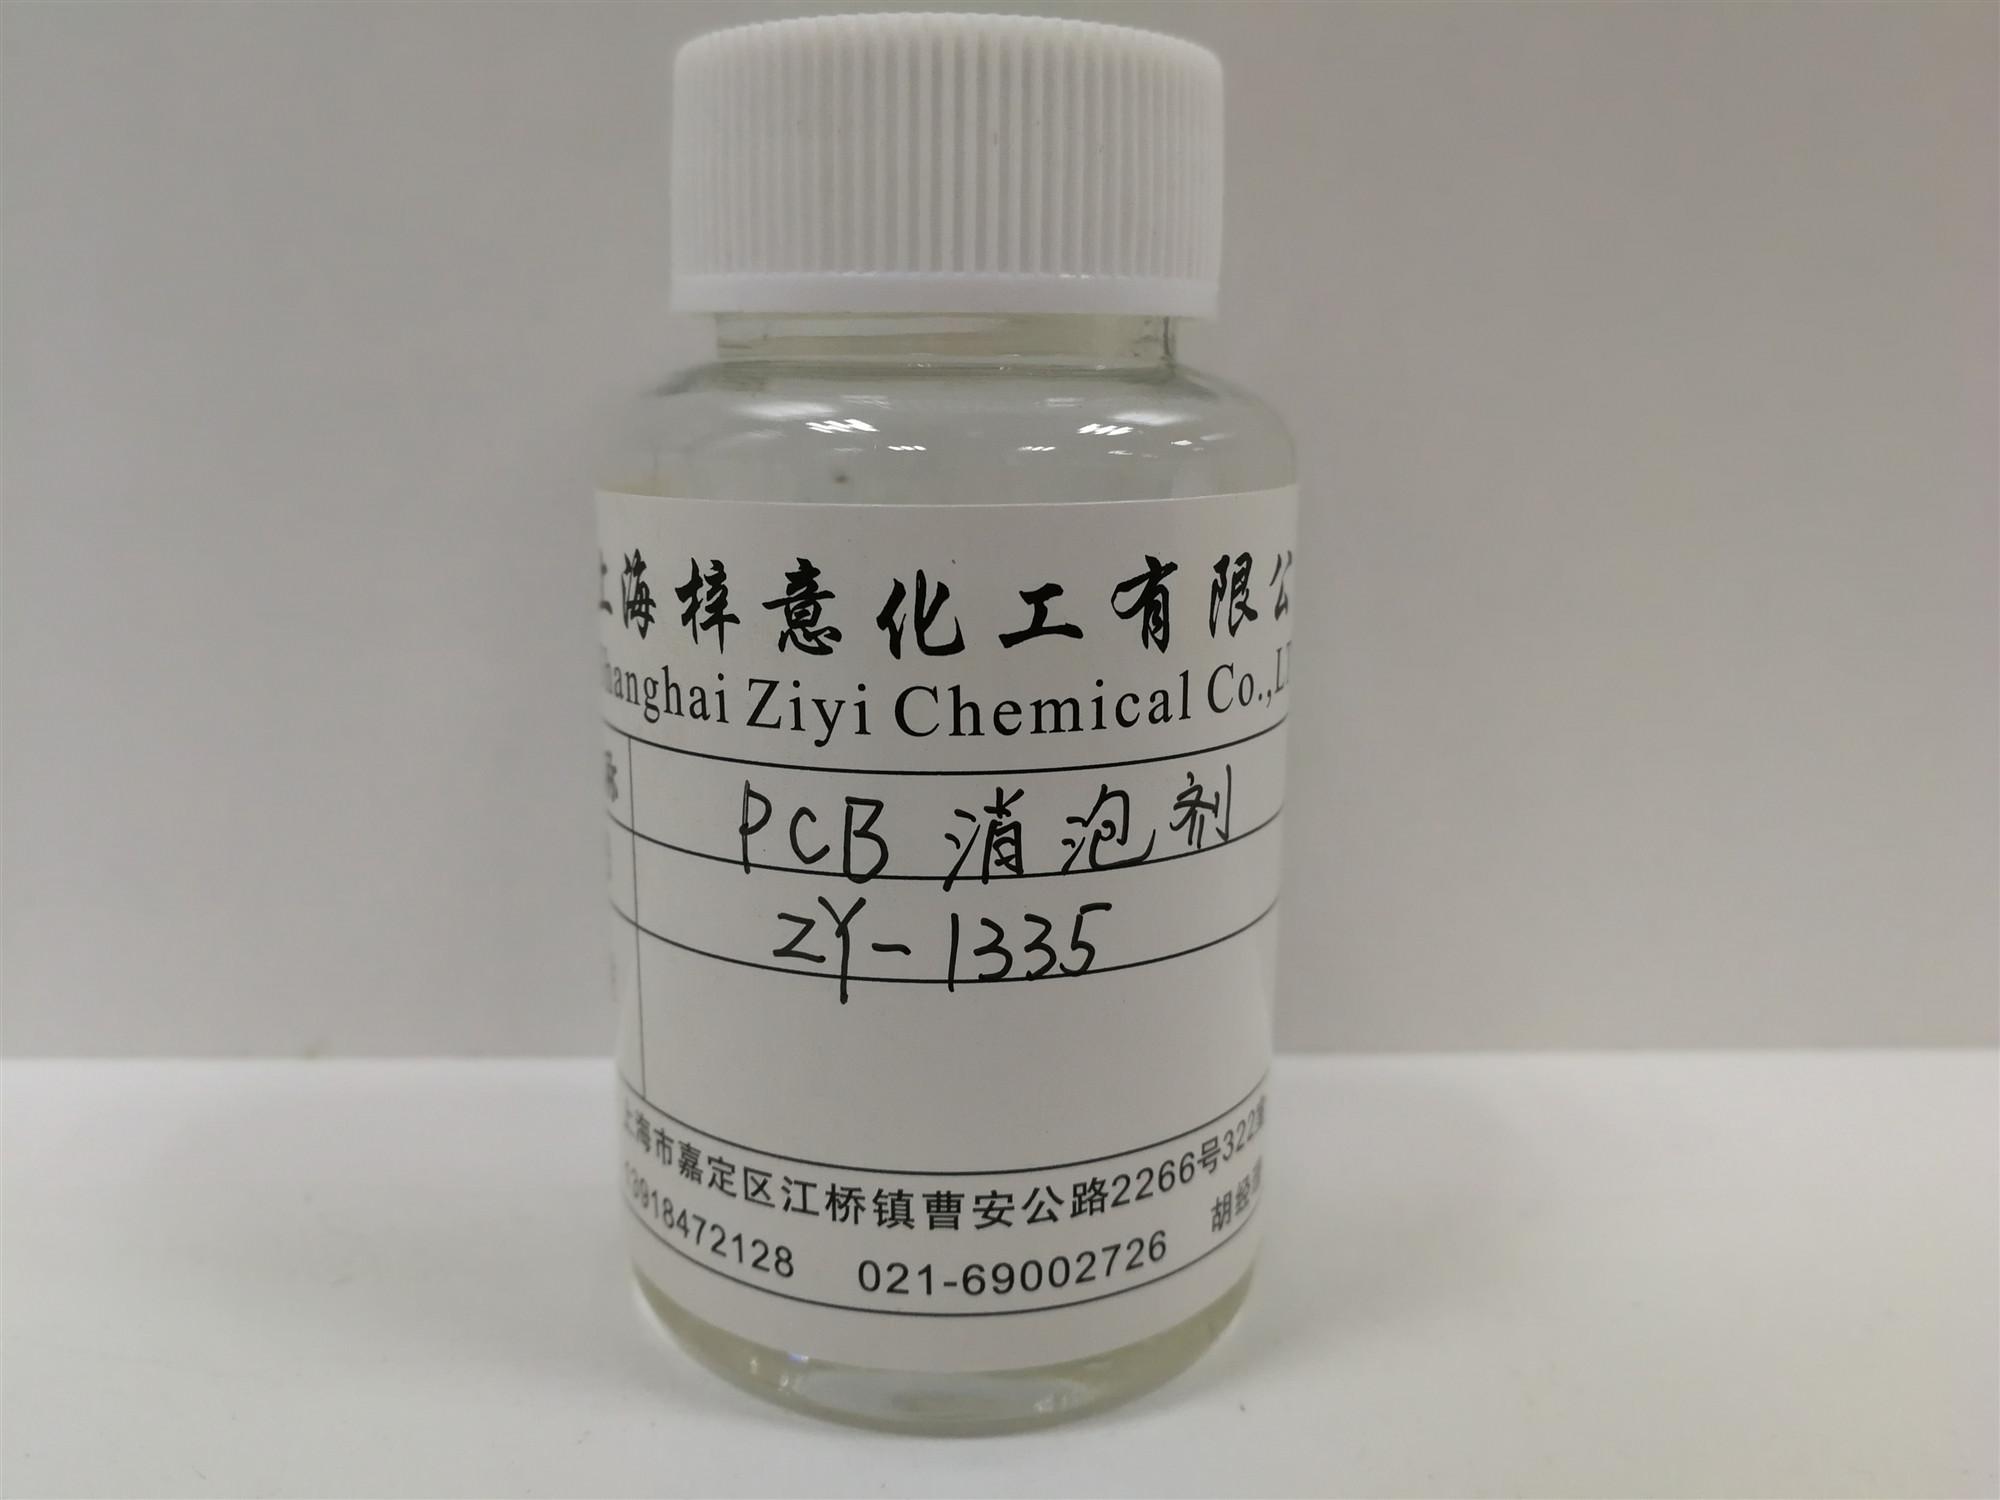 江蘇提供PCB消泡劑 來電咨詢 梓意供應